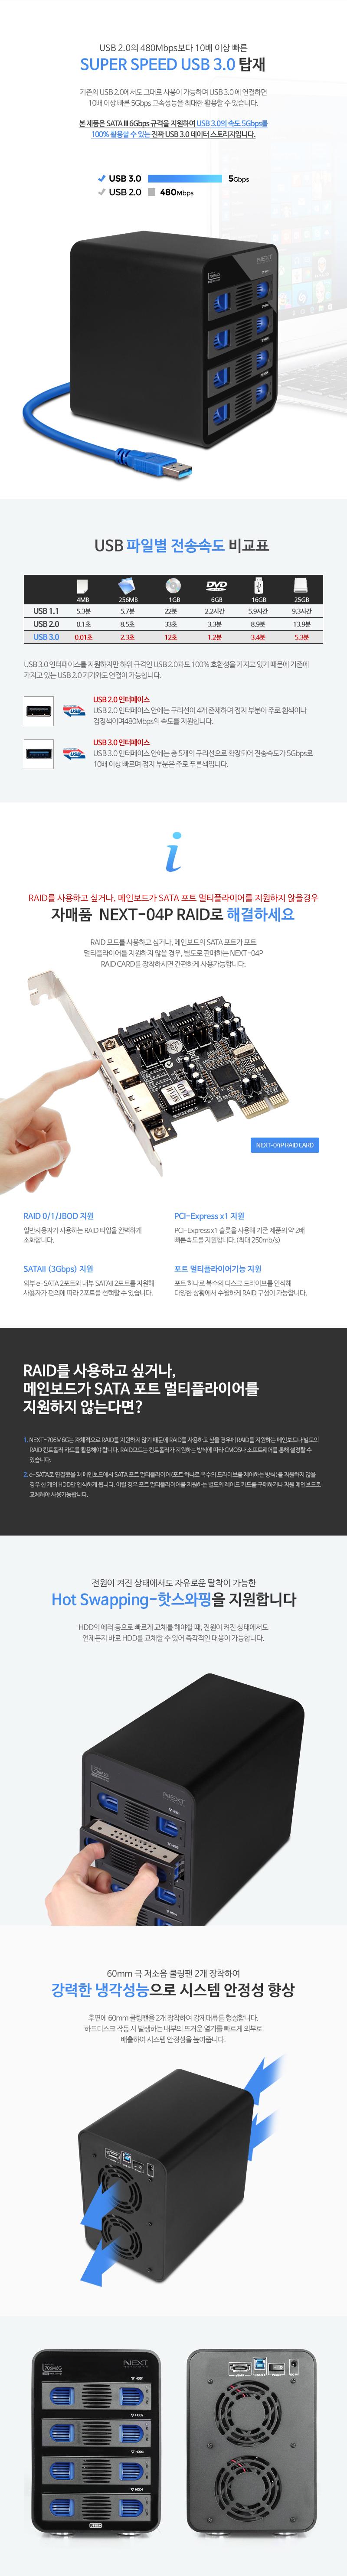 이지넷유비쿼터스 넥스트 NEXT-706M6G (32TB)